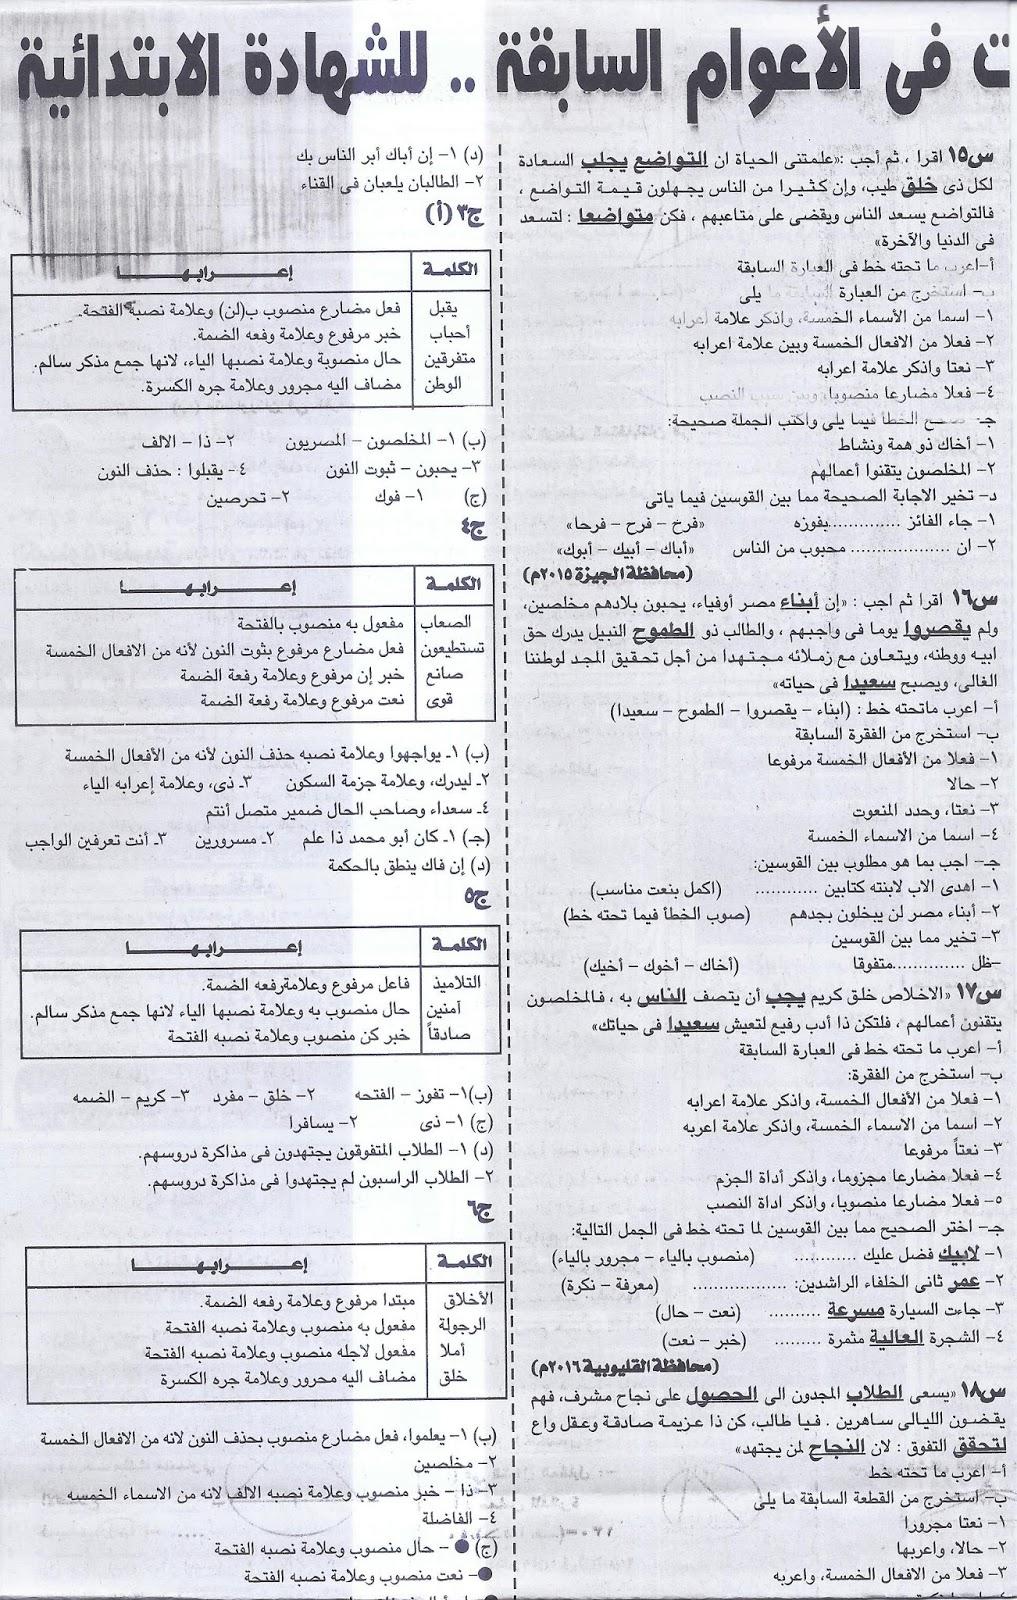 توقعات اسئلة امتحان النحو بالاجابات للصف السادس ترم ثاني.. ملحق الجمهورية 2017 3